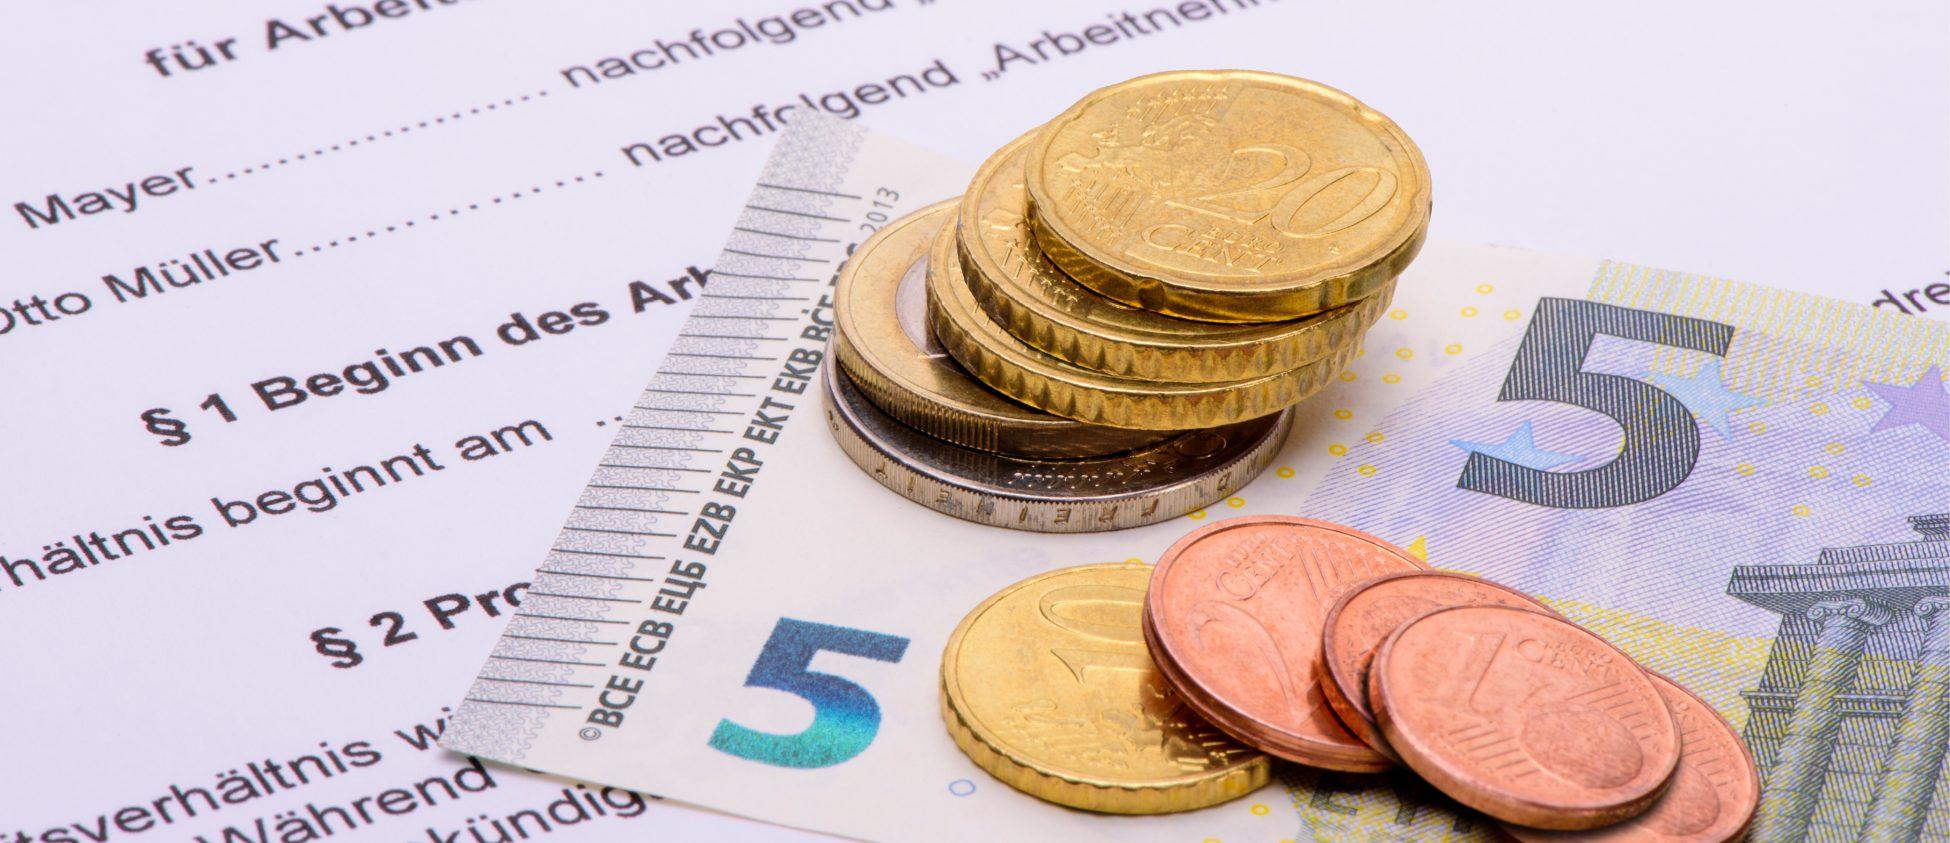 Mindestlohn: Erhöhung ab 2021 beschlossen | VIACTIV ...